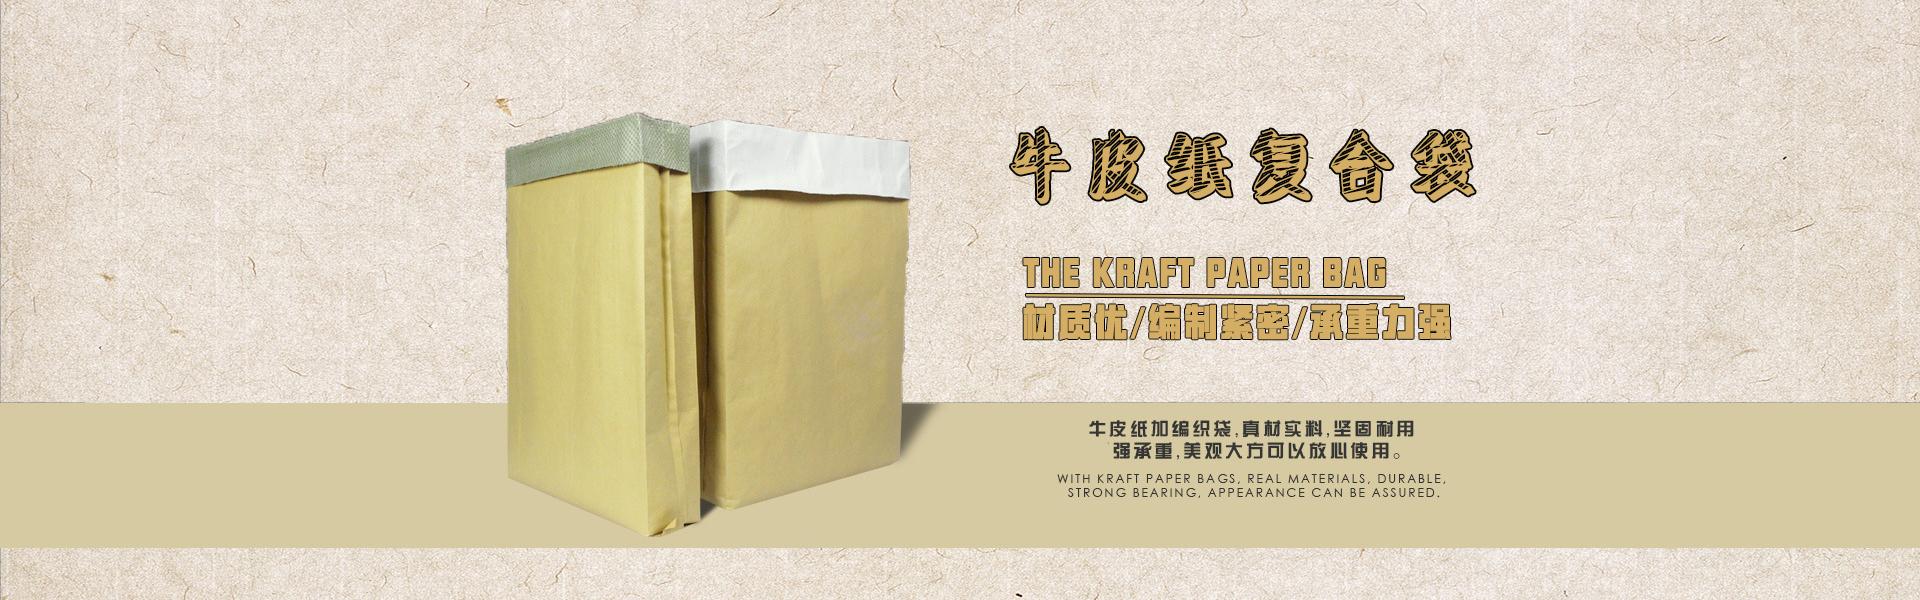 牛皮纸复合袋|纸塑复合袋厂家|纸塑包装厂